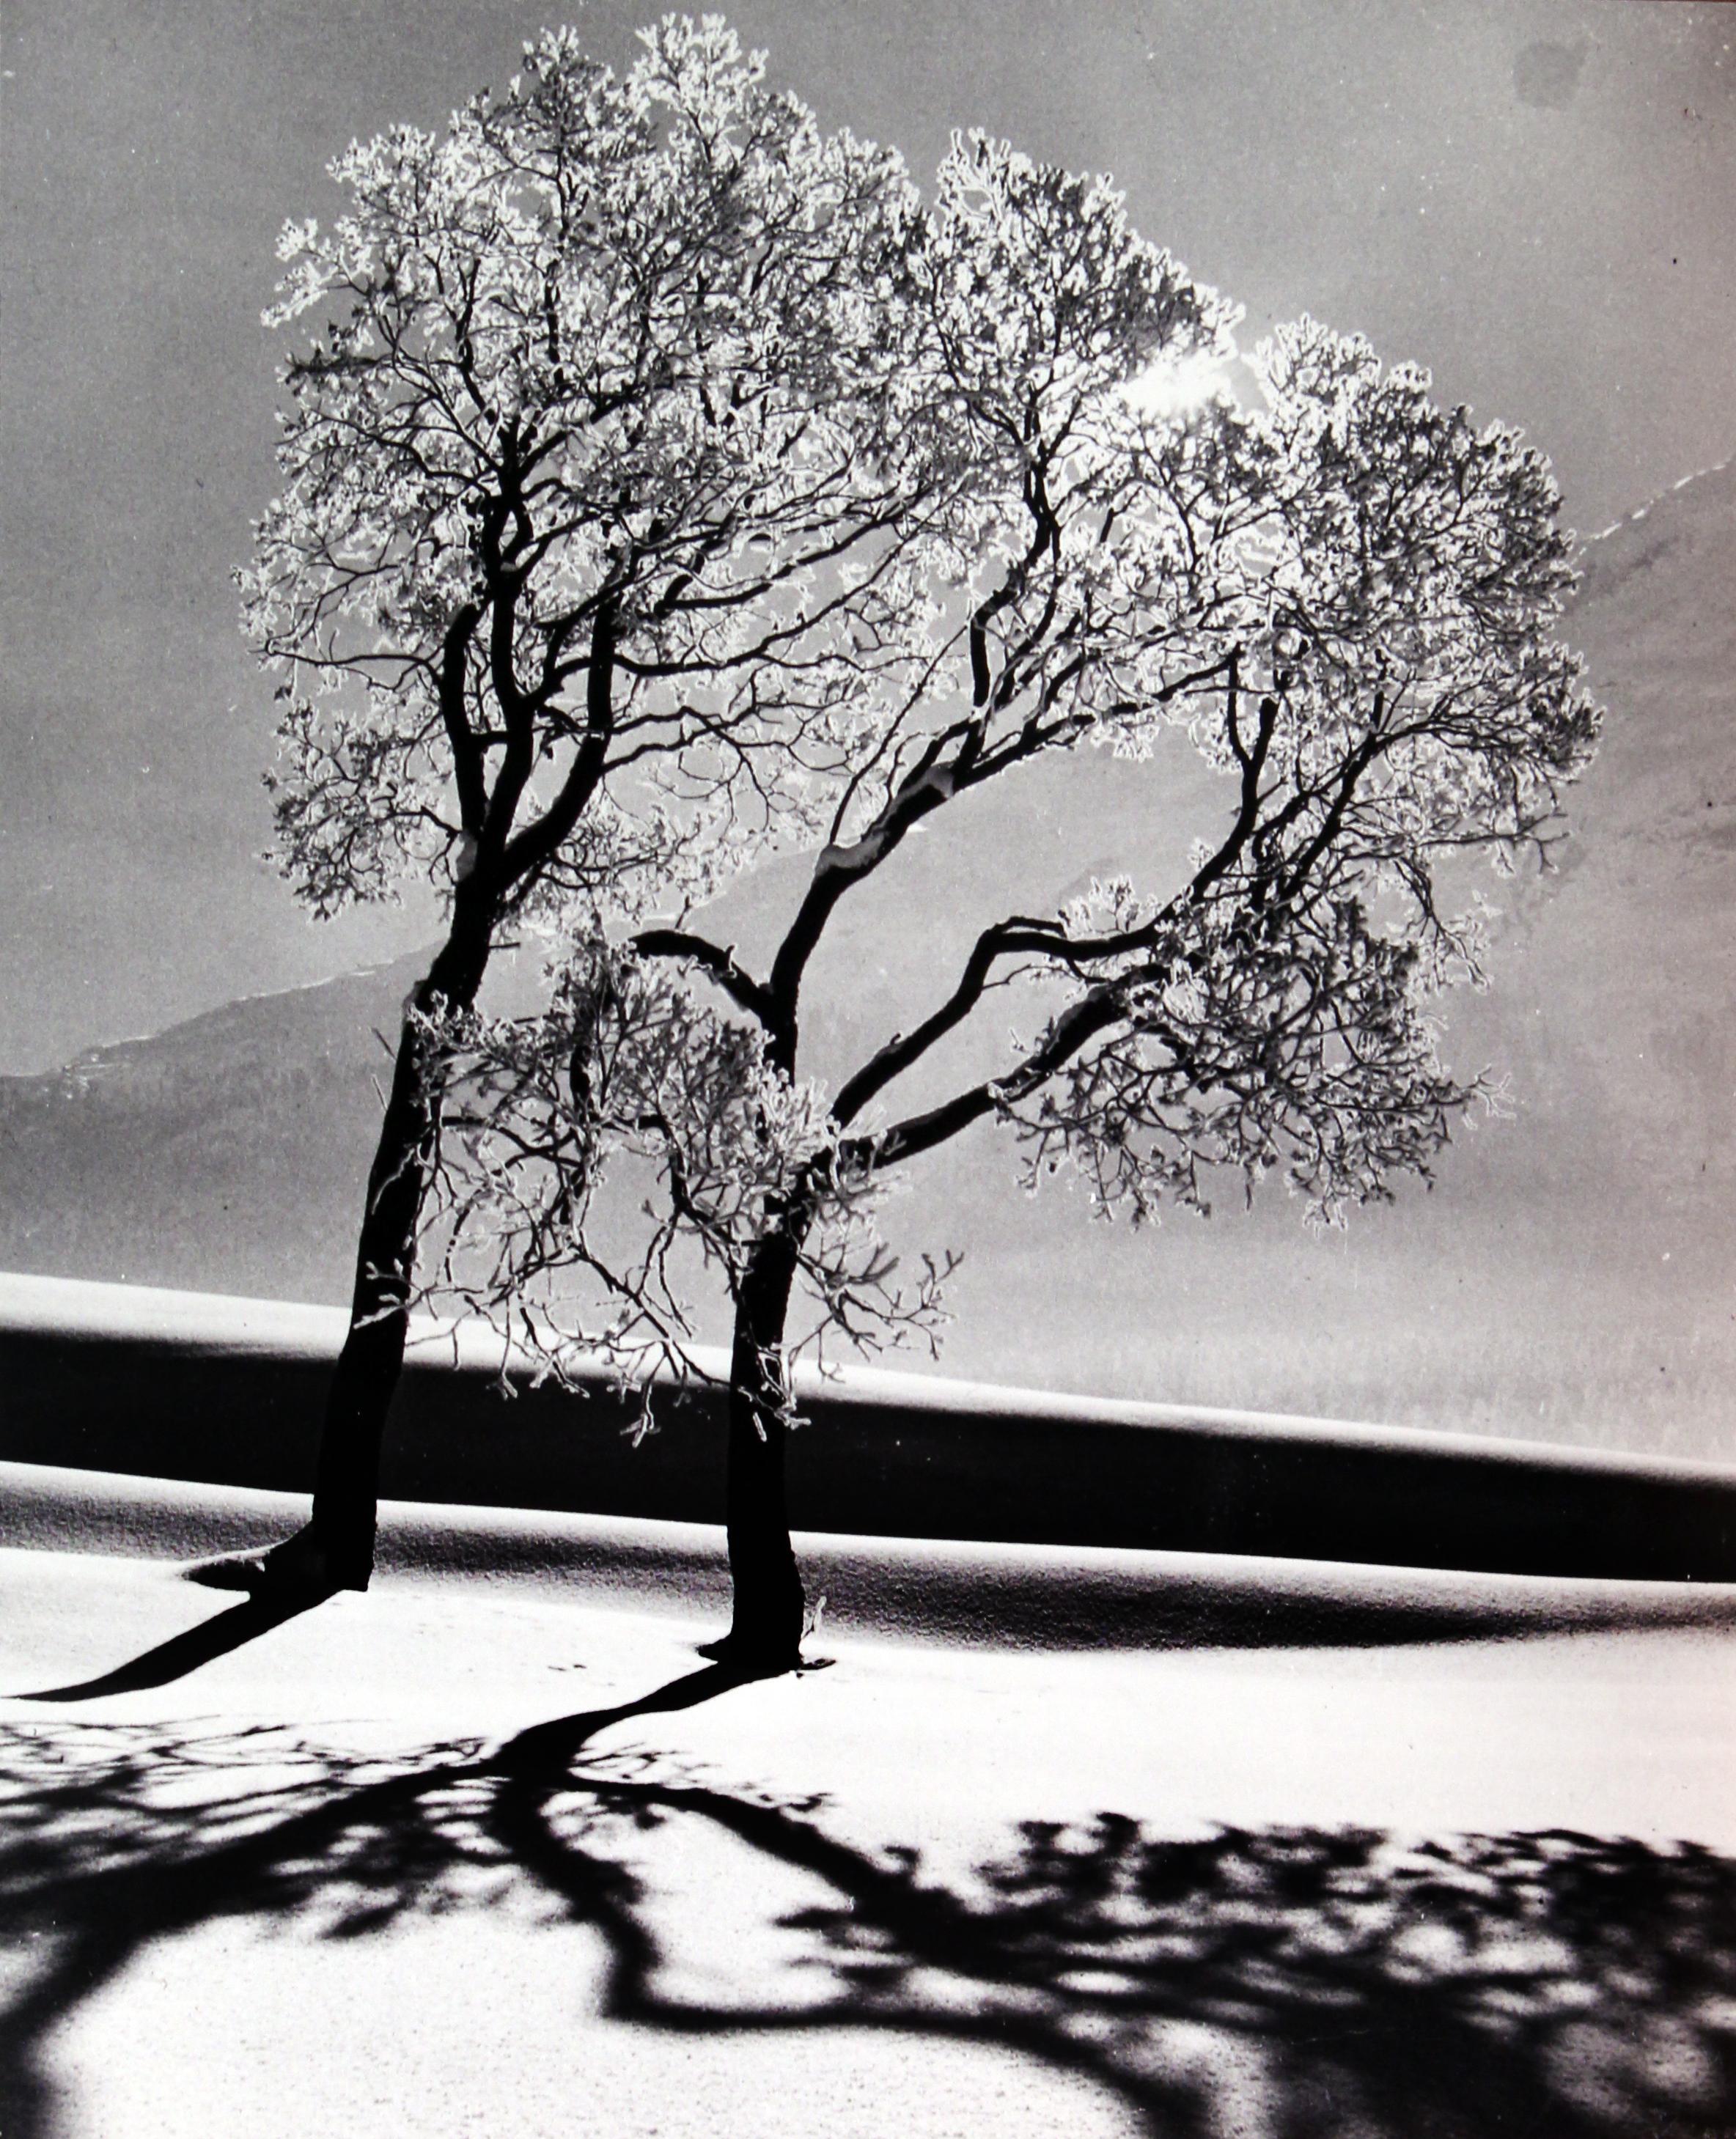 Trees In Snow, Near St Moritz, Switzerland, 1947 - Alfred Eisenstaedt